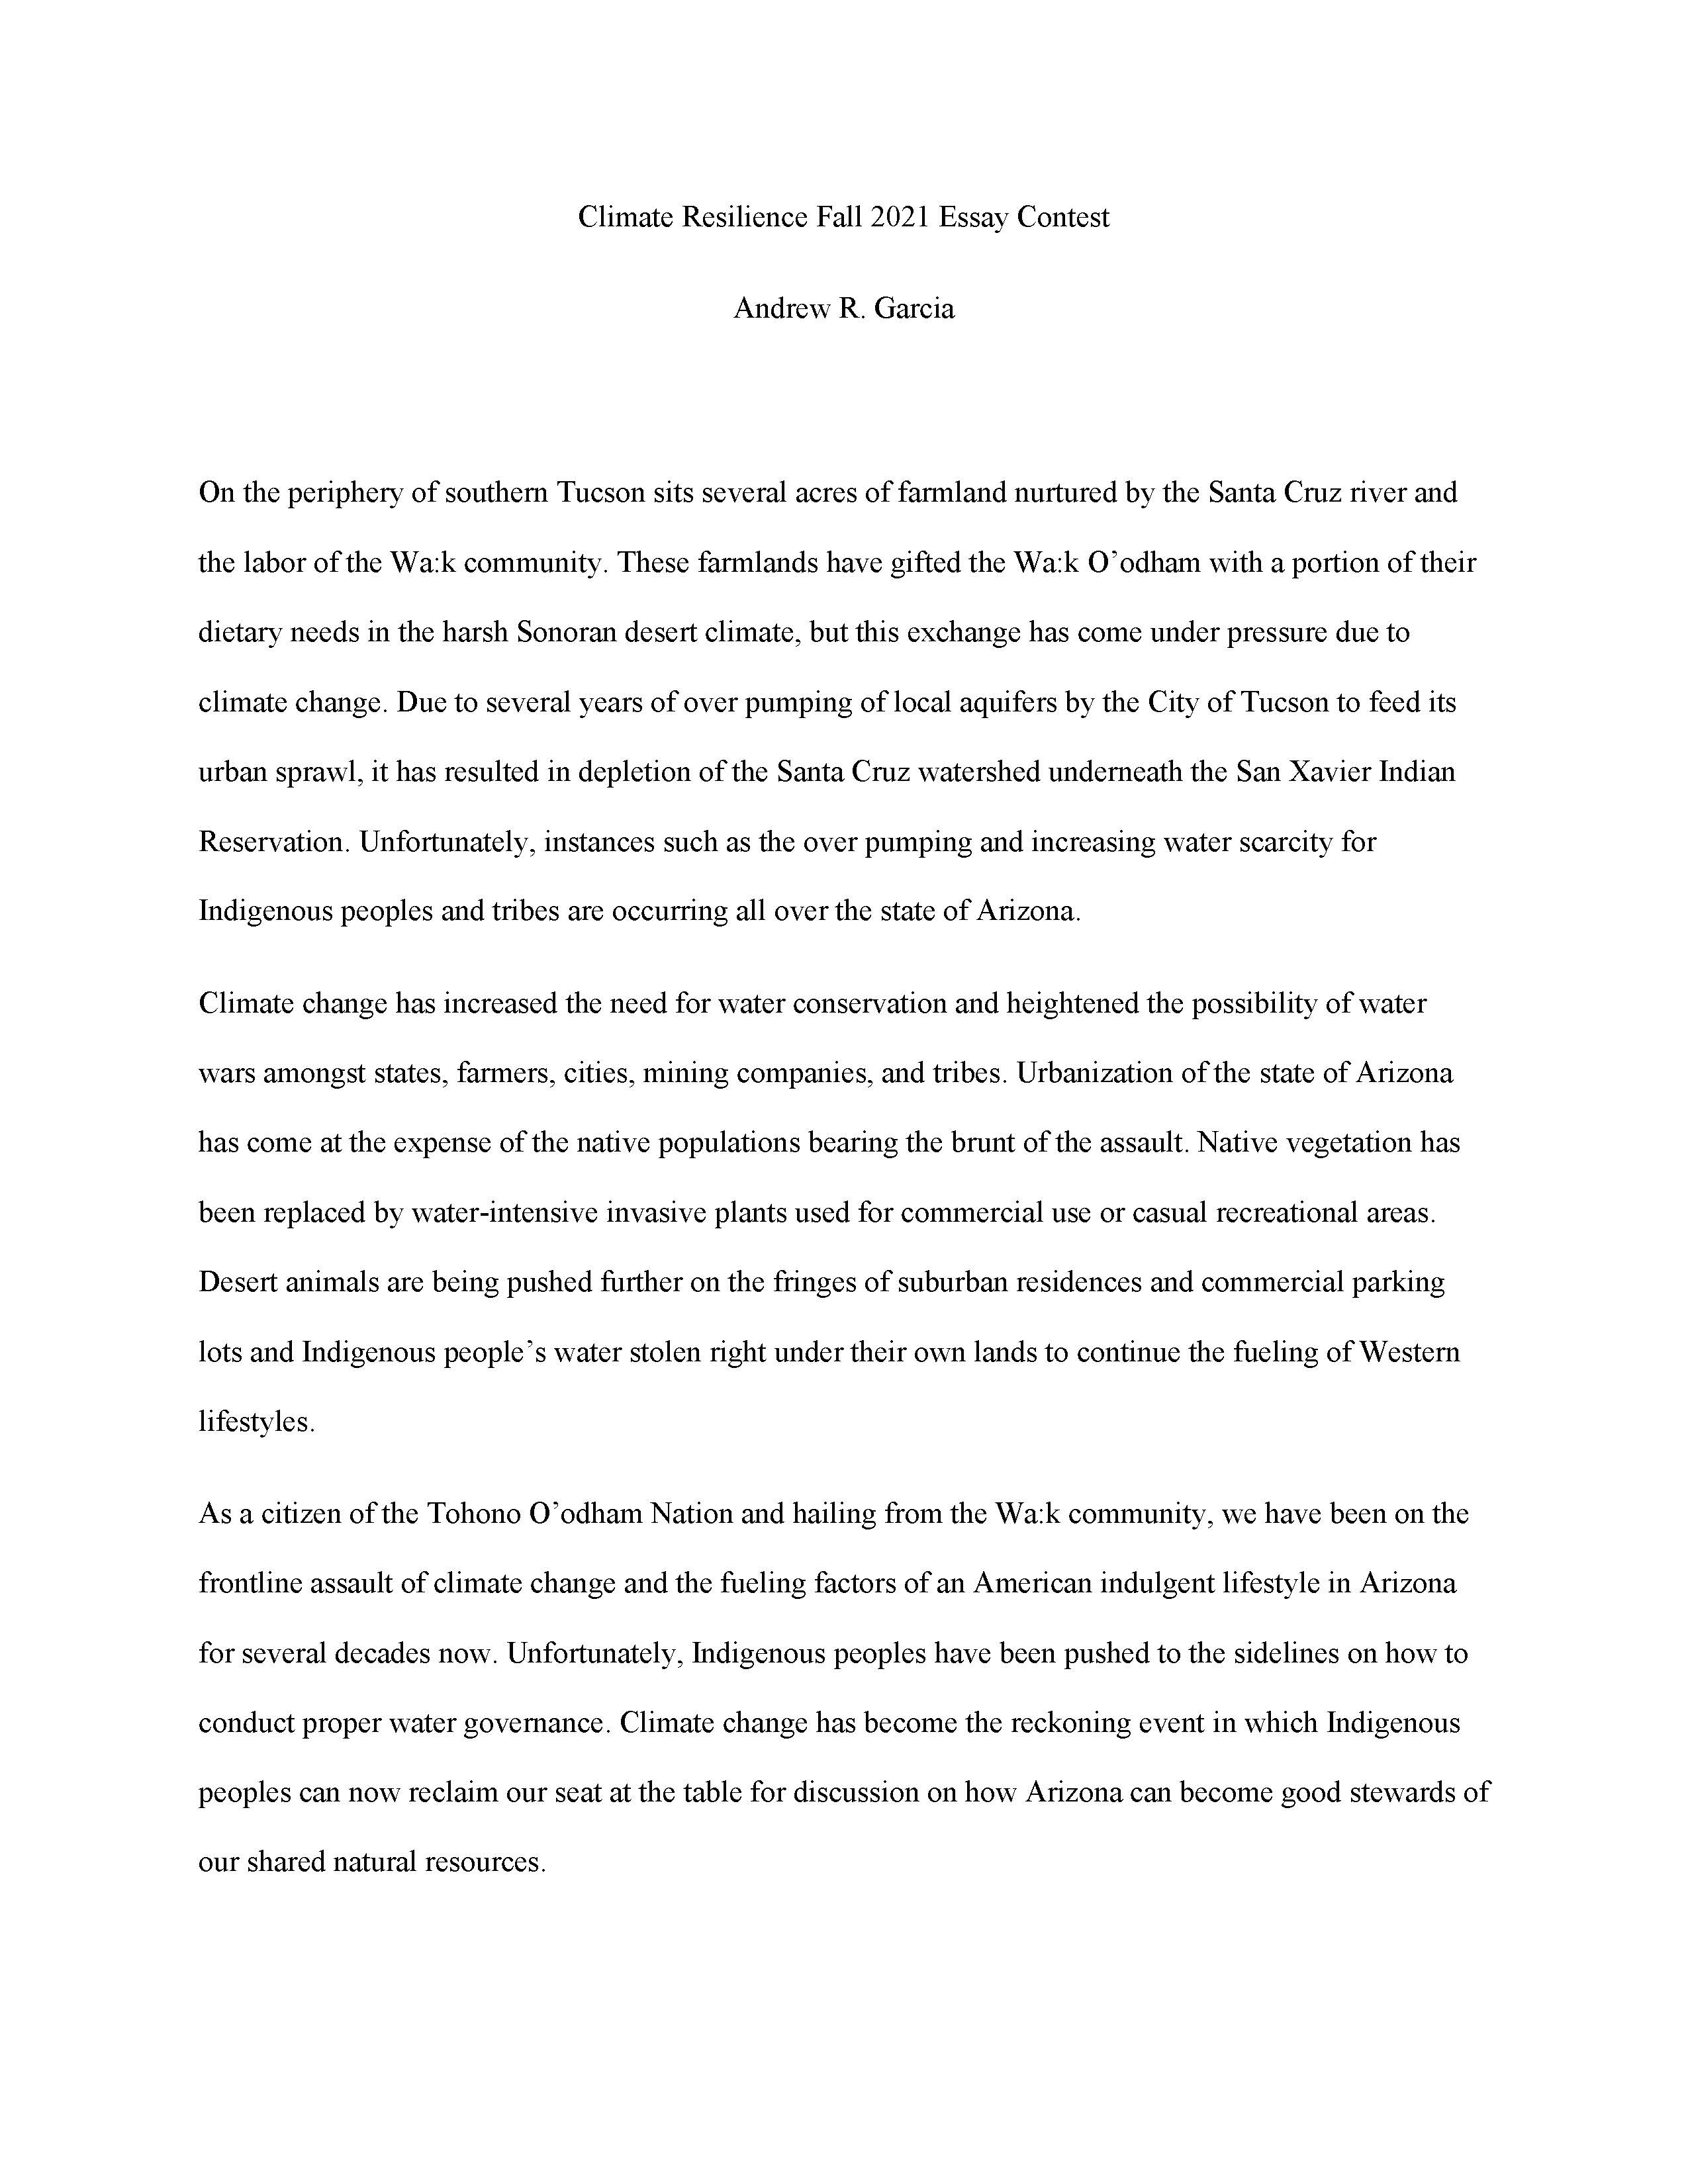 Andrew Garcia Winning Essay